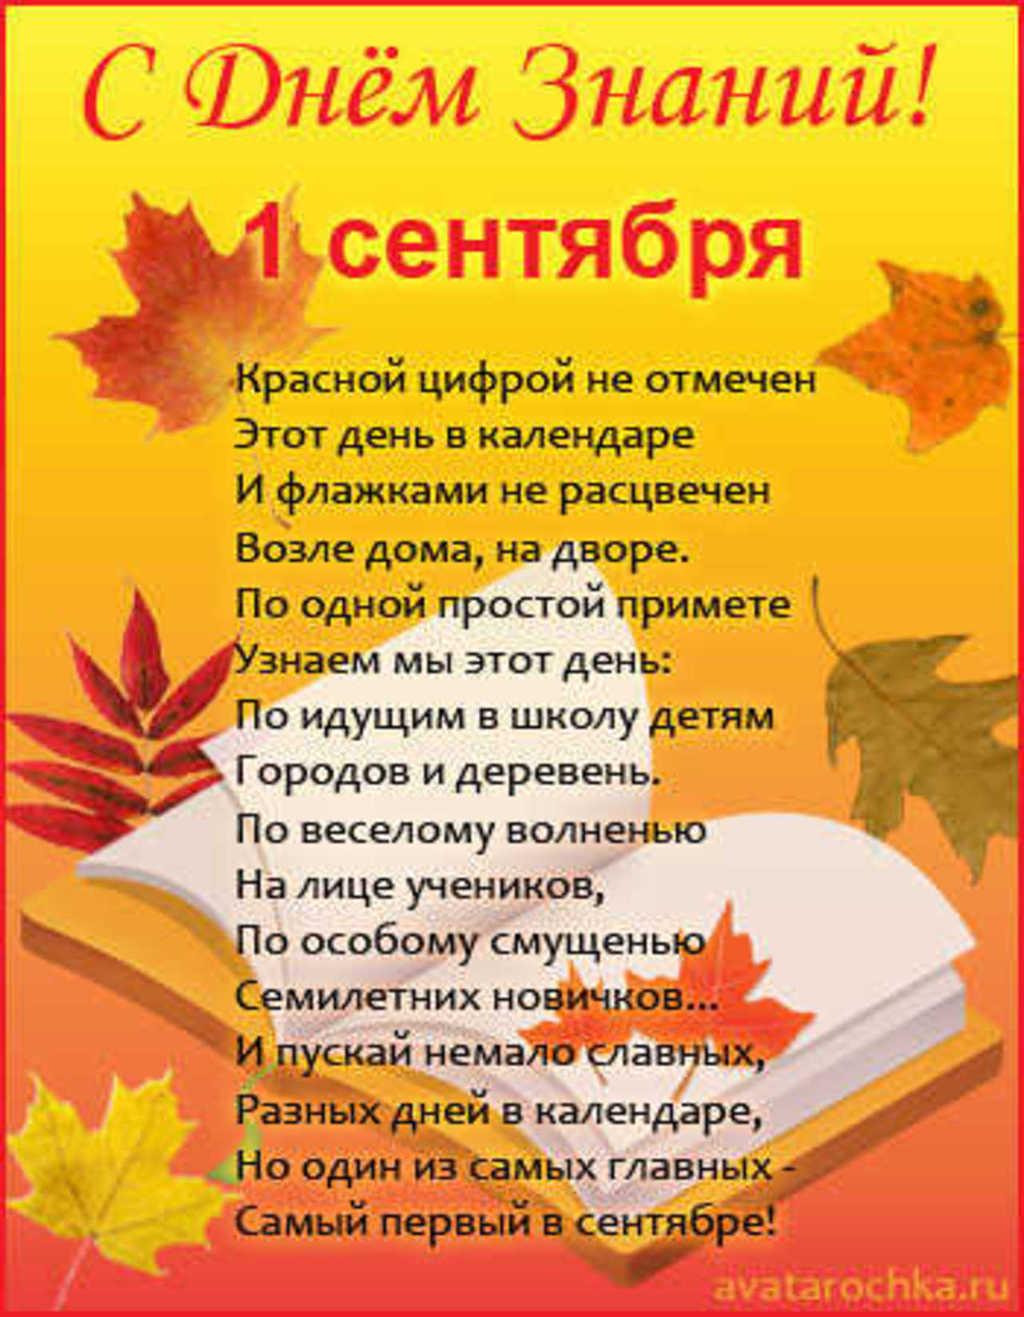 Поздравление для друга с 1 сентября